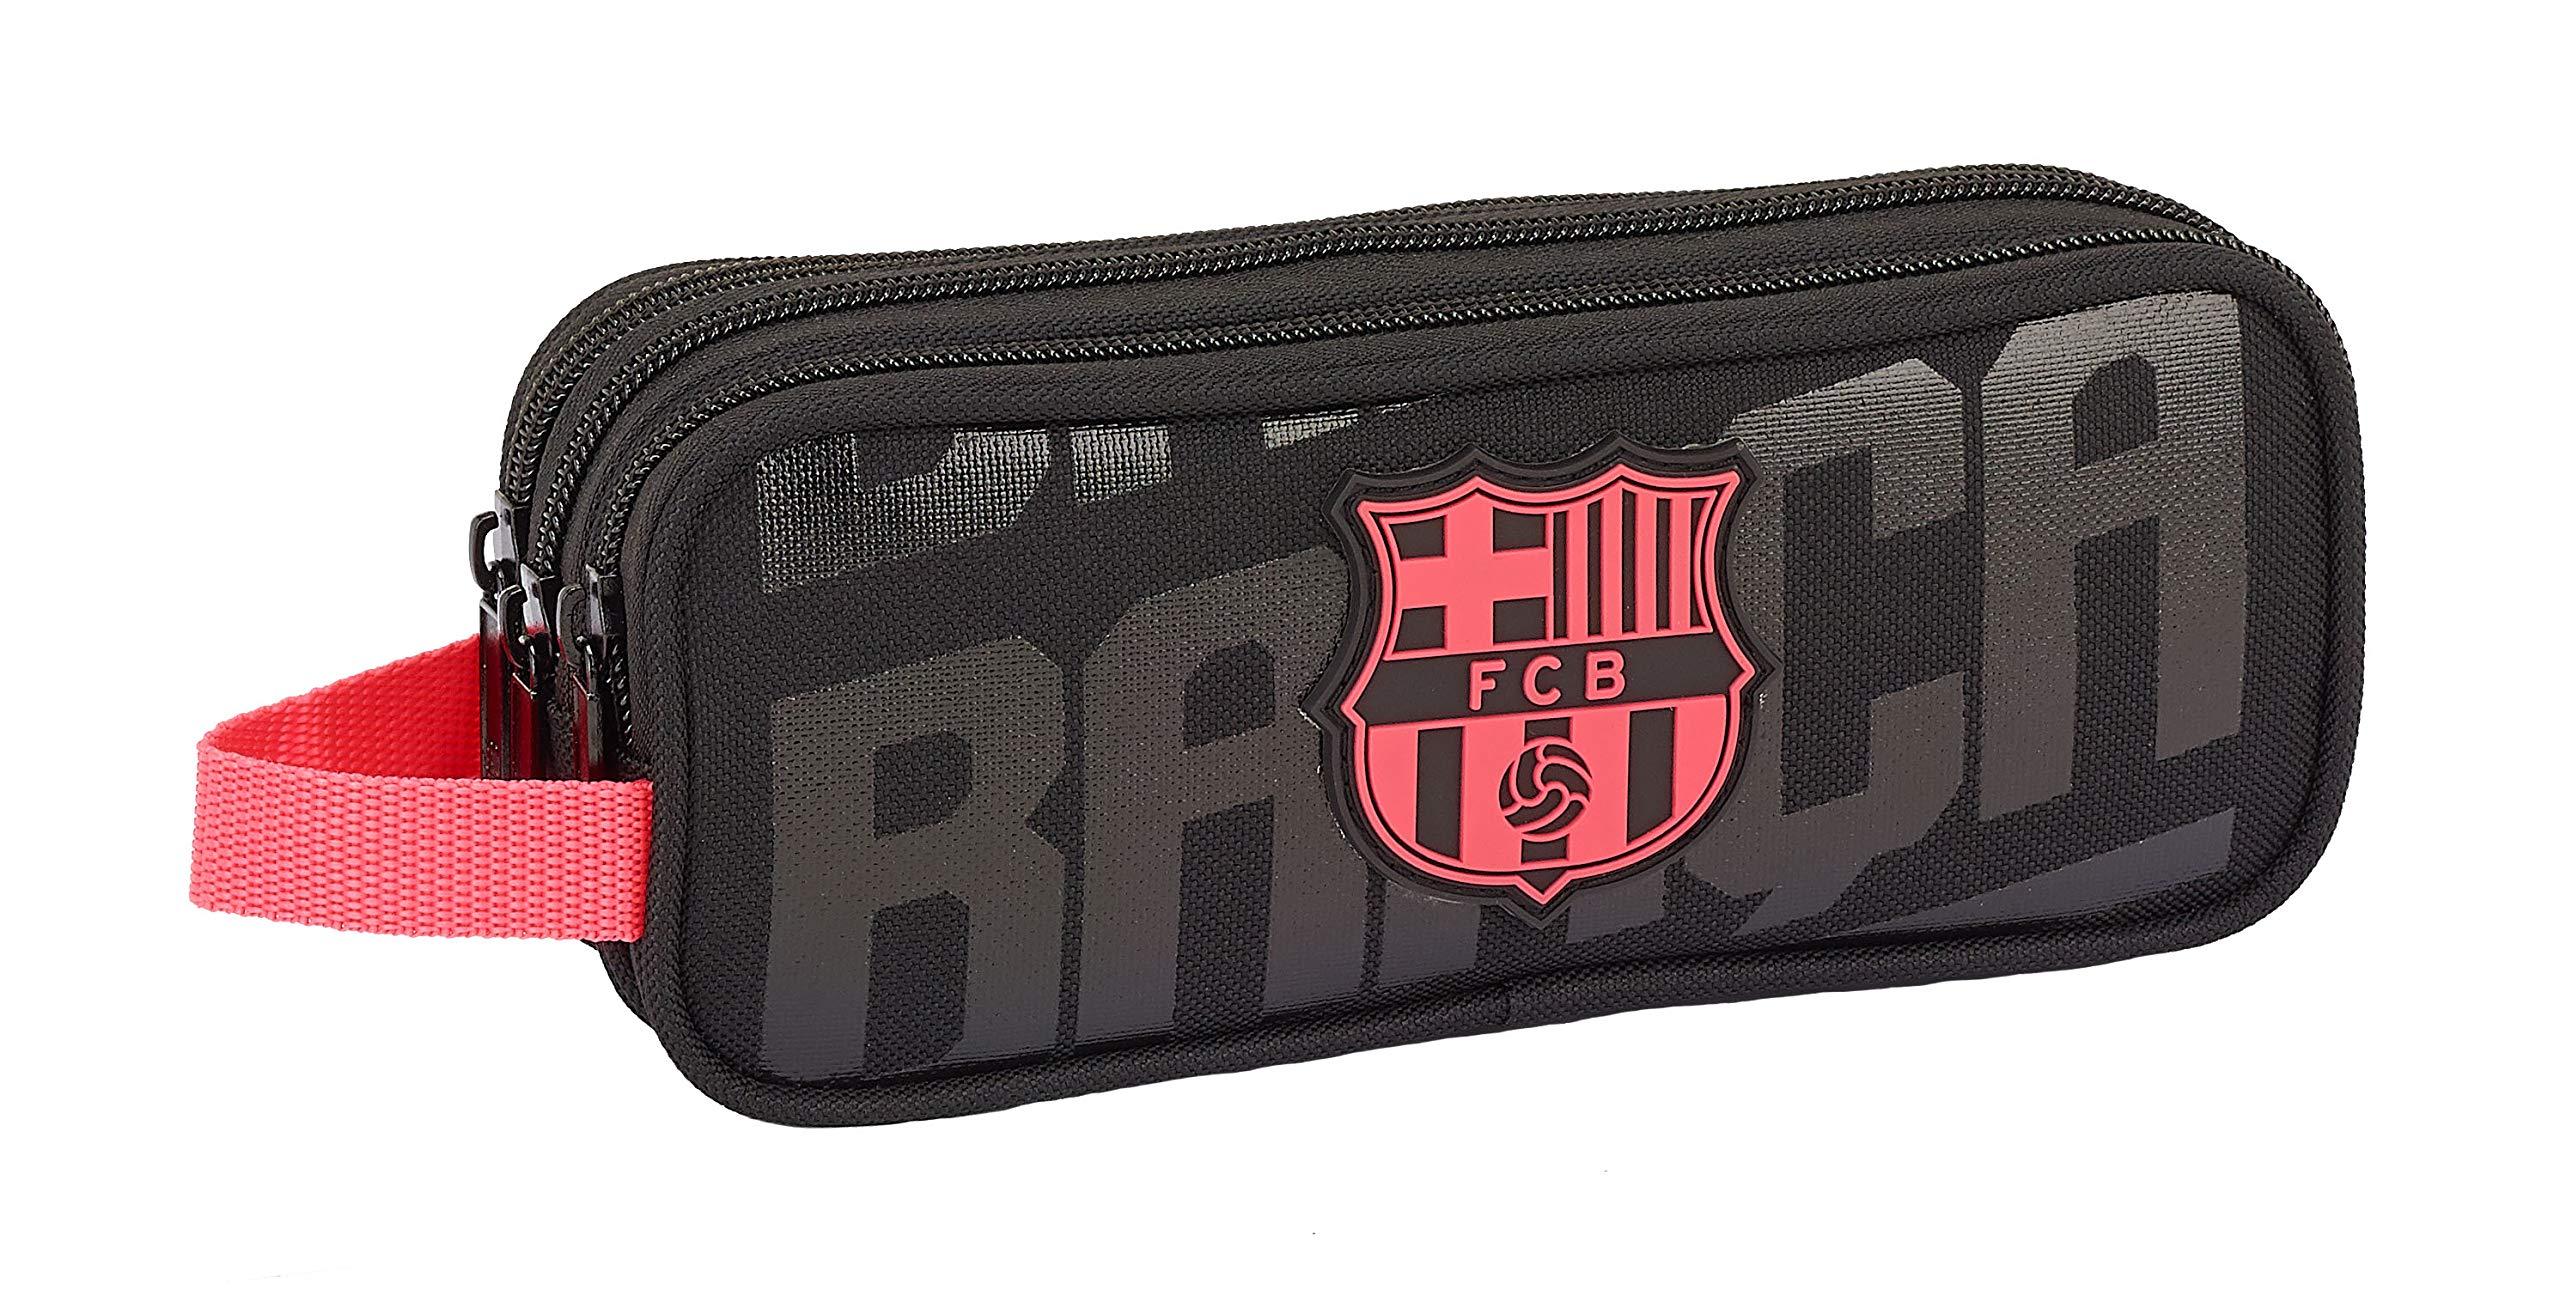 FCB FC Barcelona portatodo Triple f.c.Barcelona Black 21×8,5×7 Color Negro 21 cm 811927635.